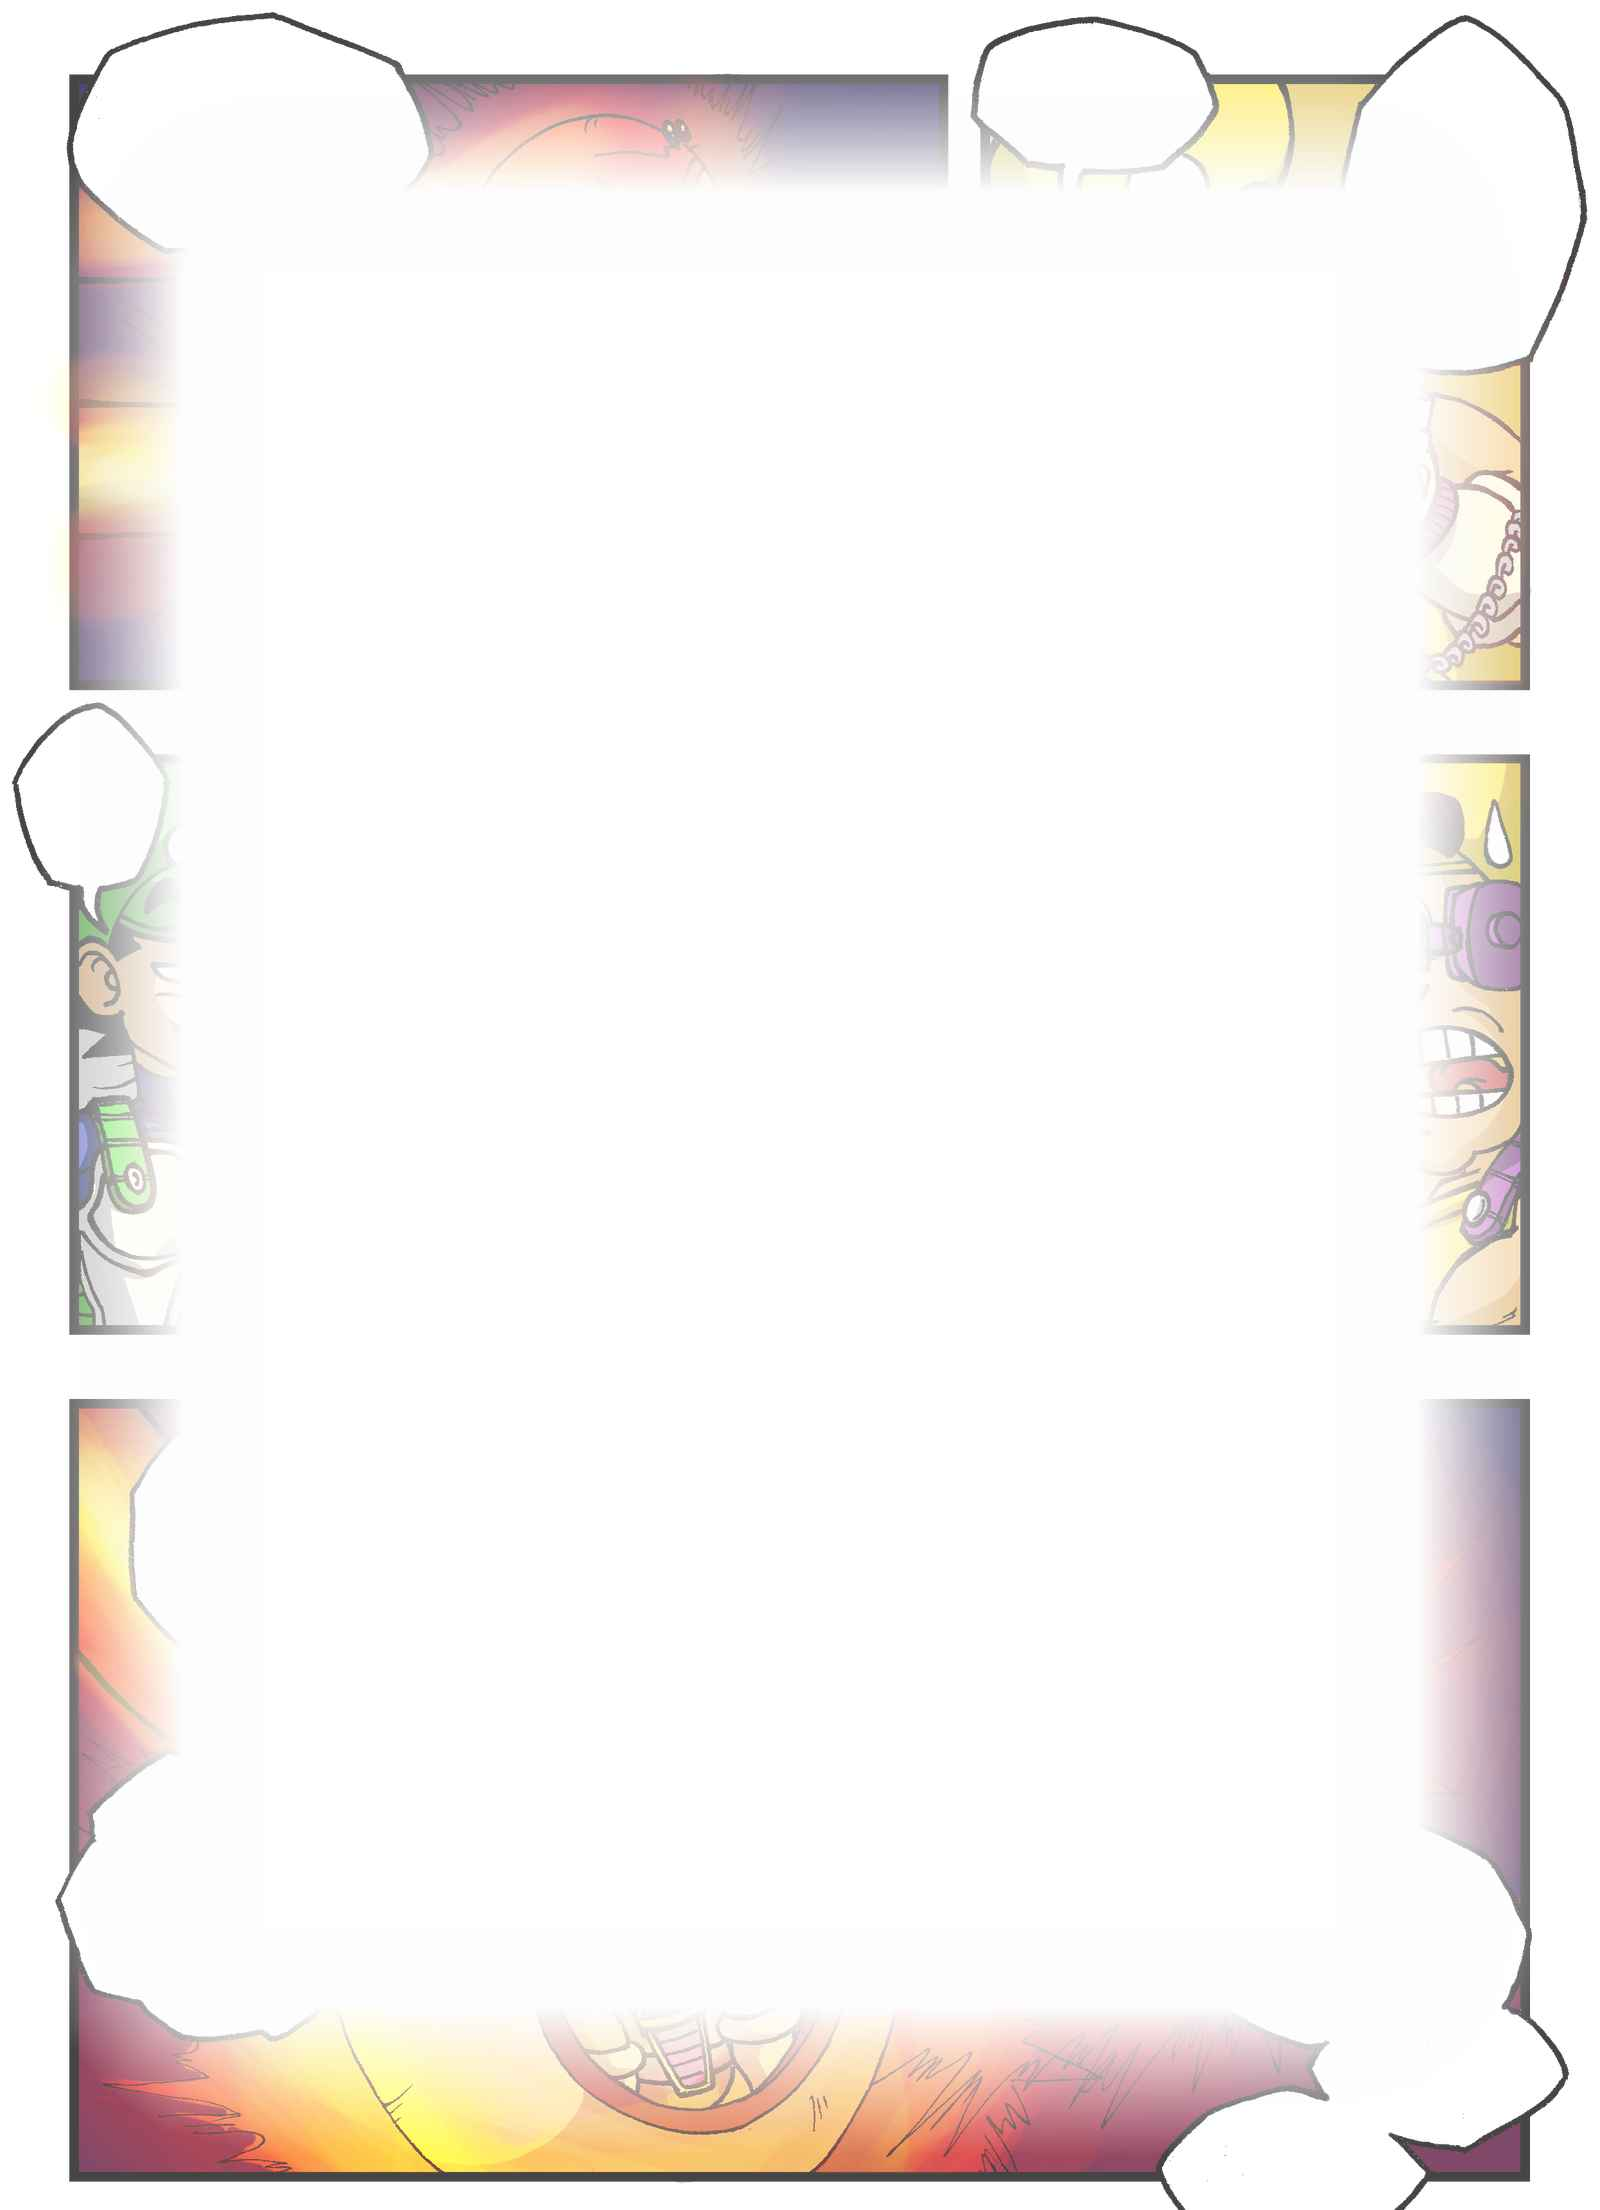 スーパードラゴンブラザーズZ : チャプター 2 ページ 16